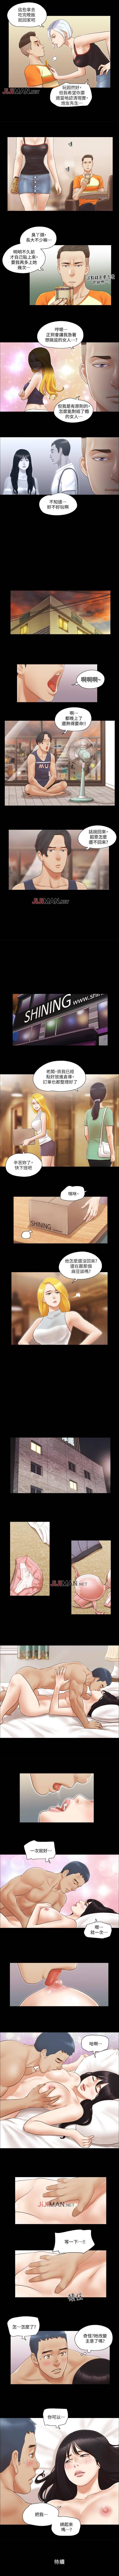 【周五连载】协议换爱(作者:遠德) 第1~57话 66